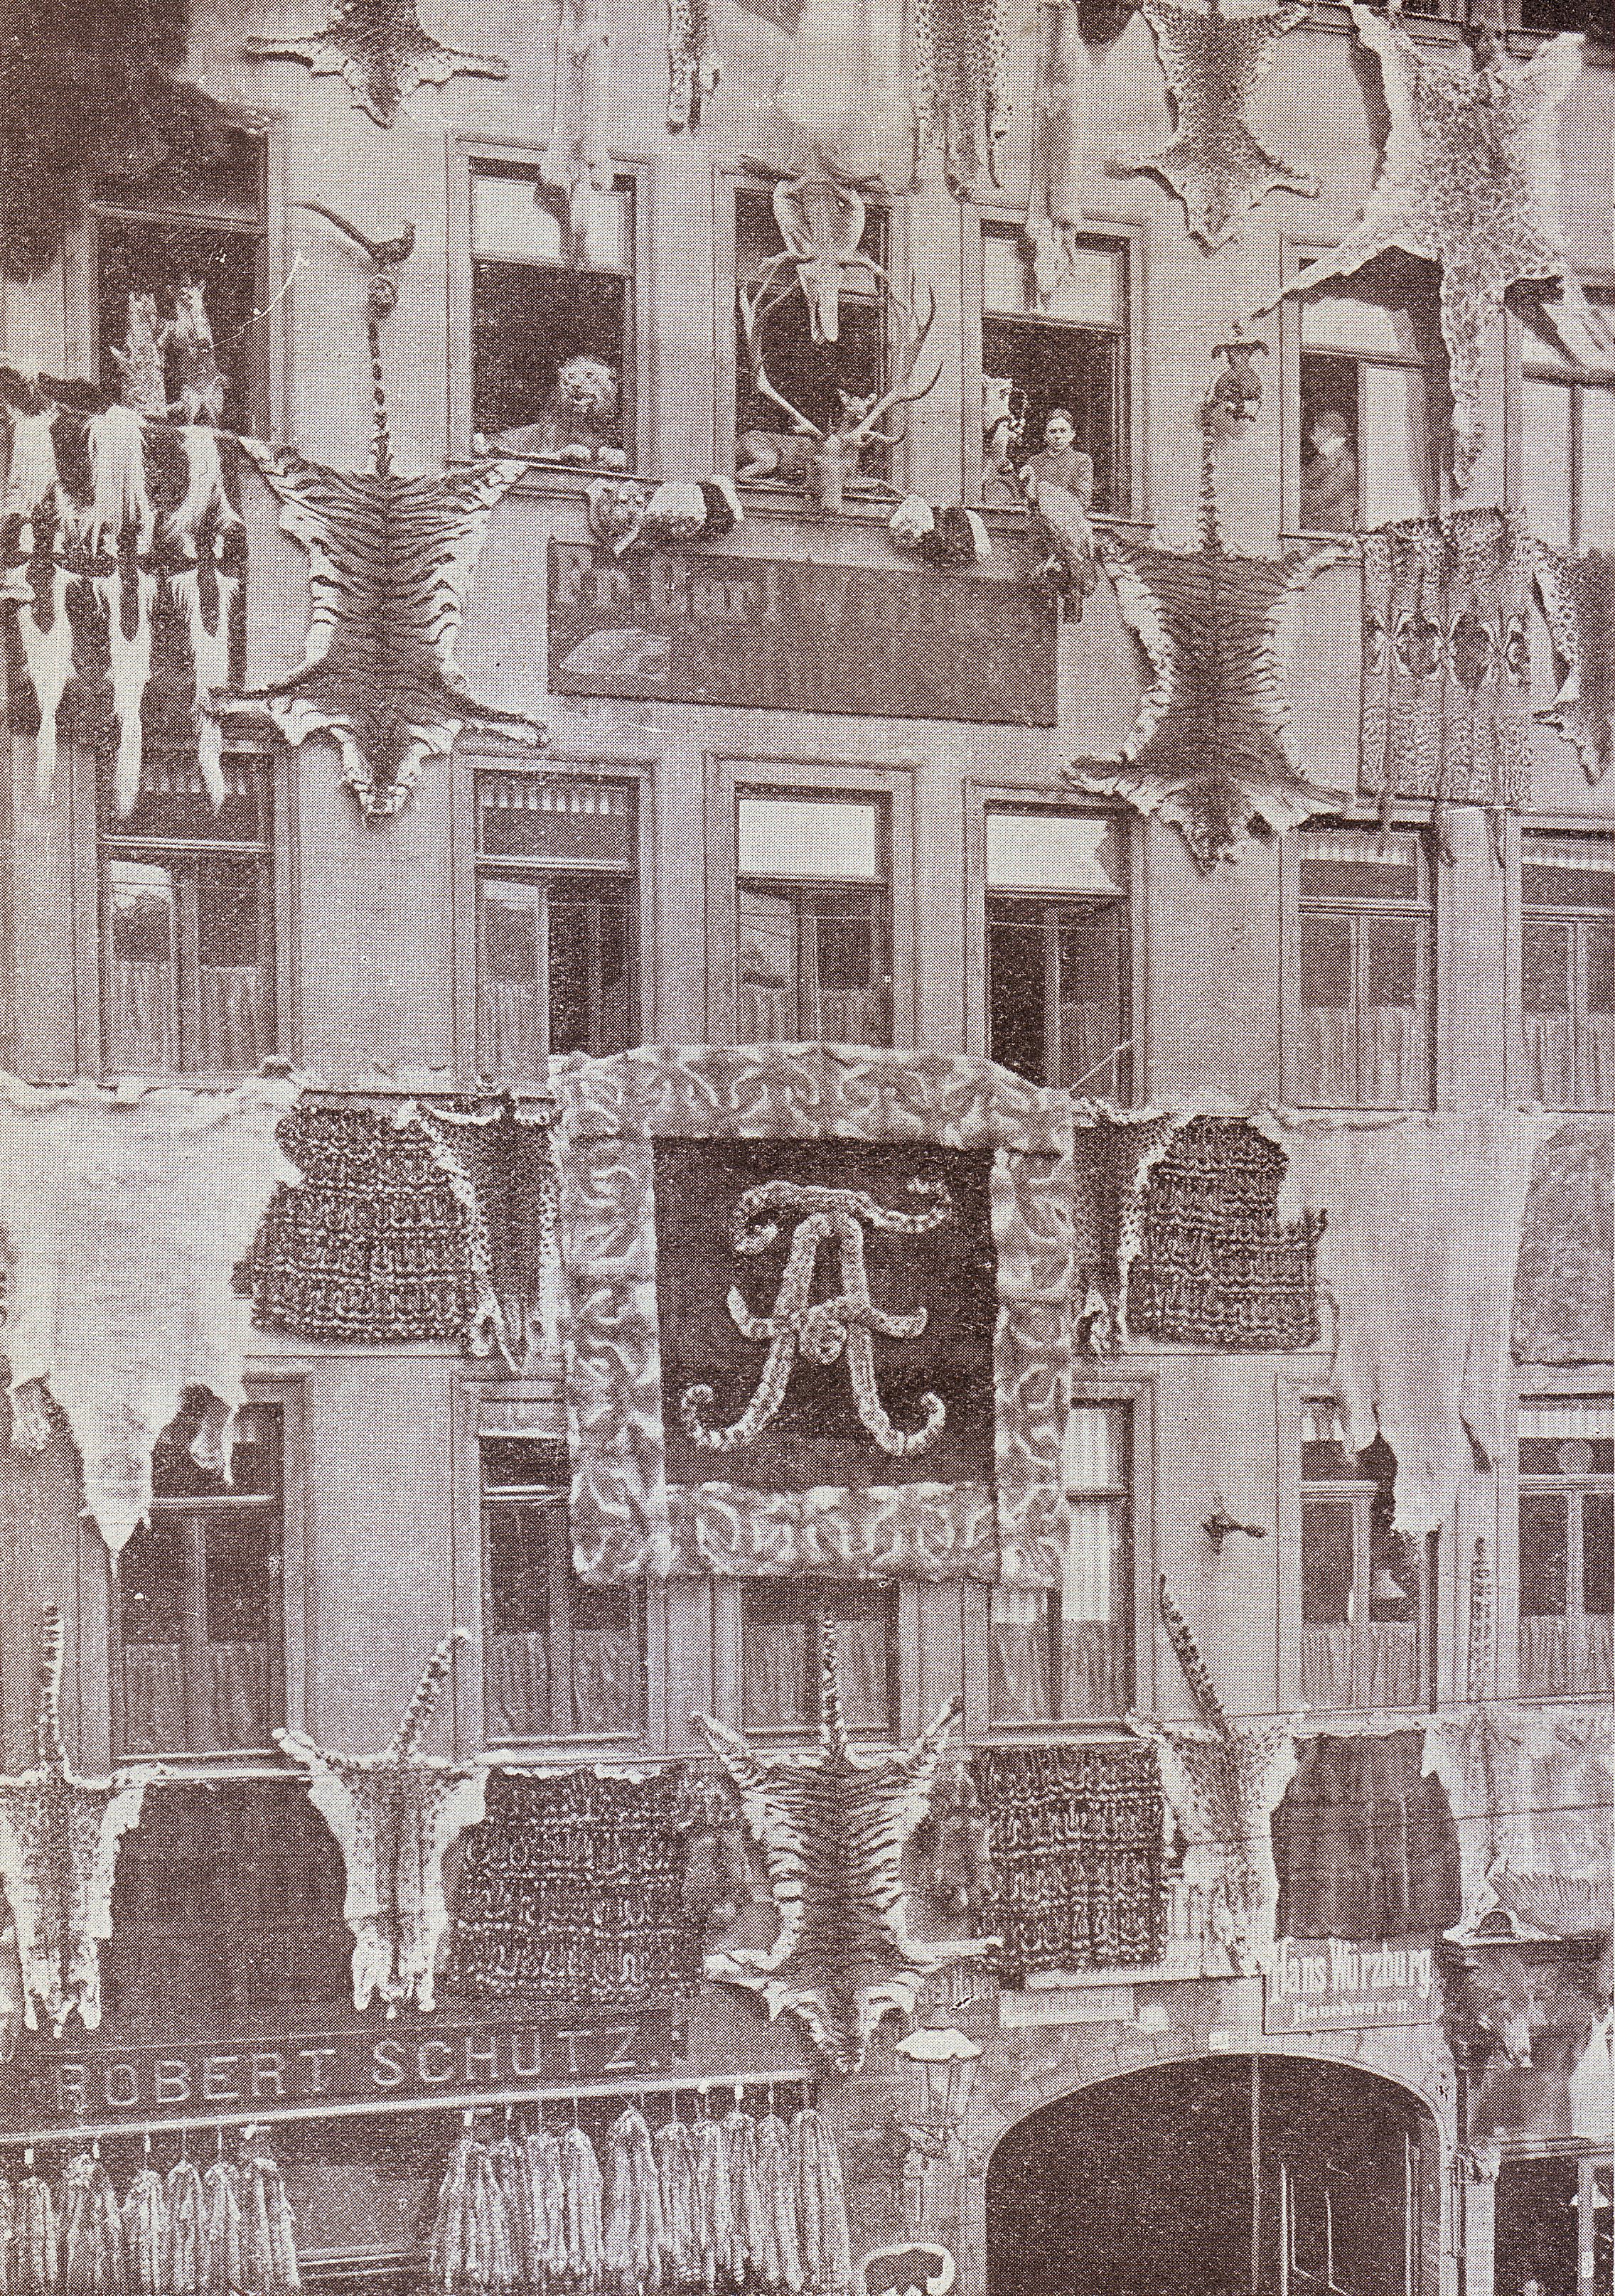 Decoration De Ville Pour Noel Fait Maiqon